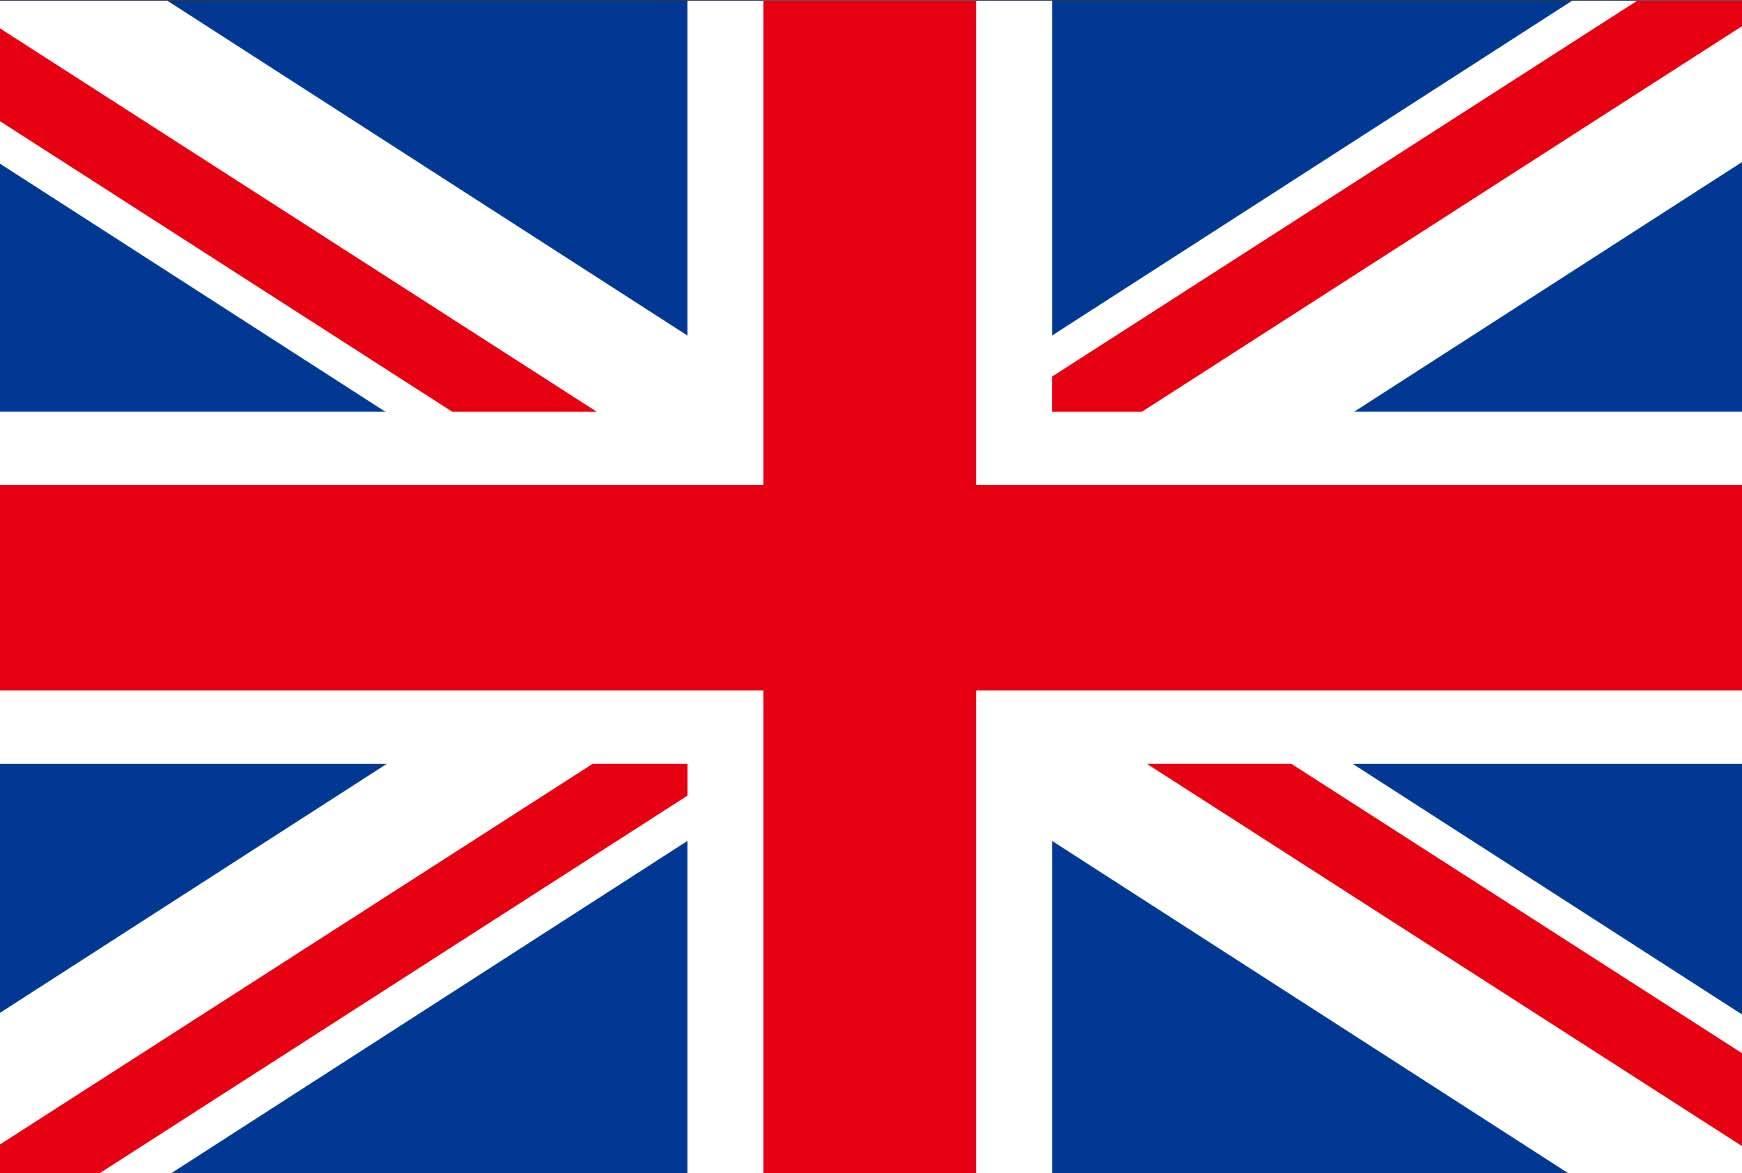 【英国签证】旅游签证